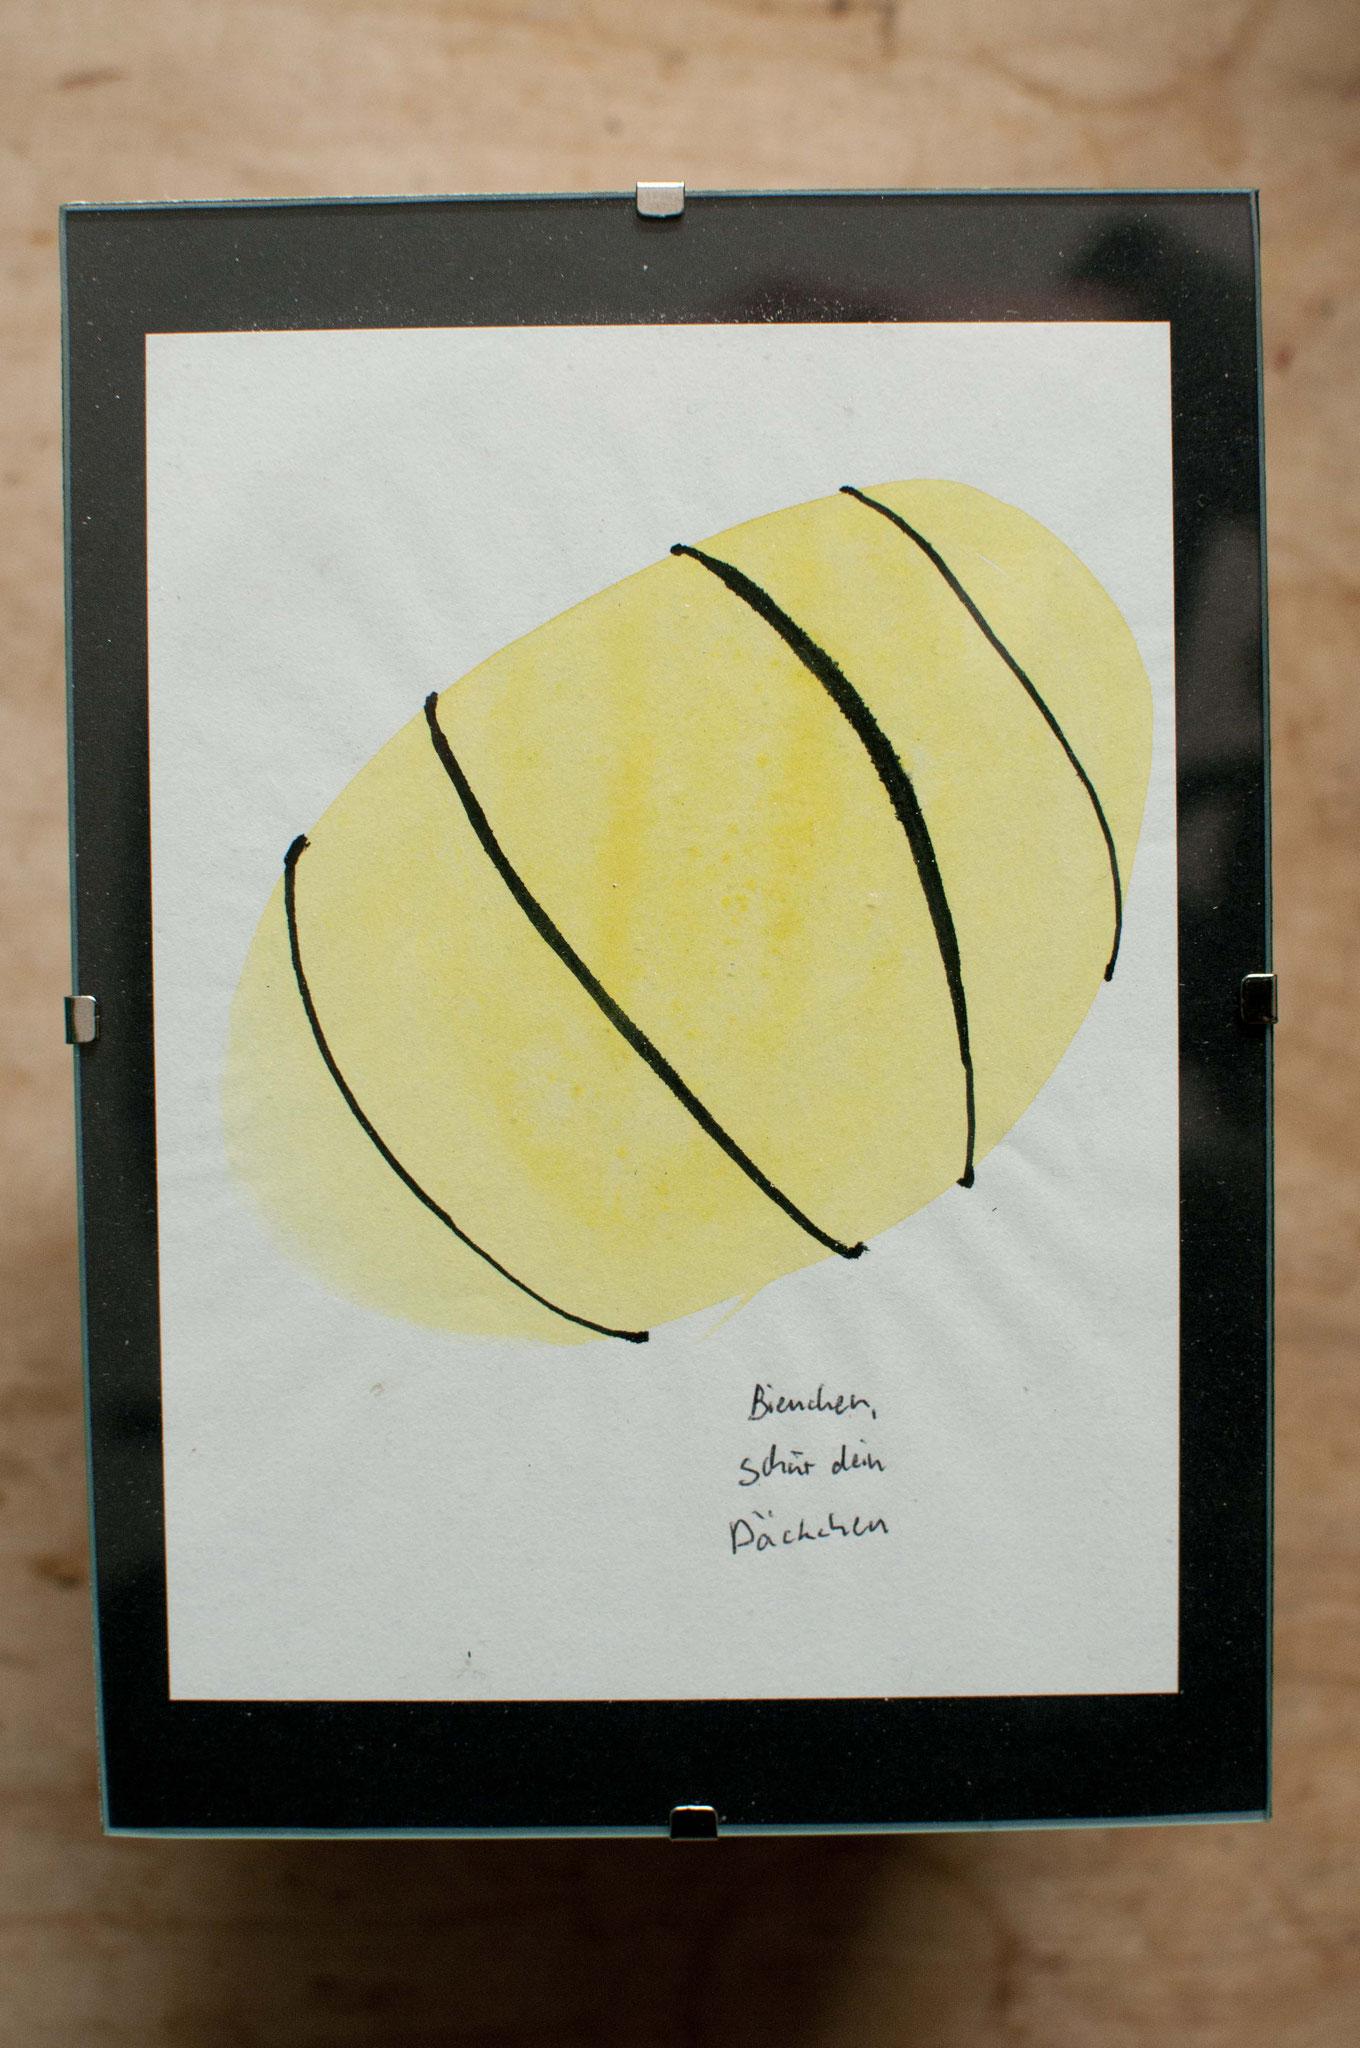 Bienchen schnür dein Päckchen